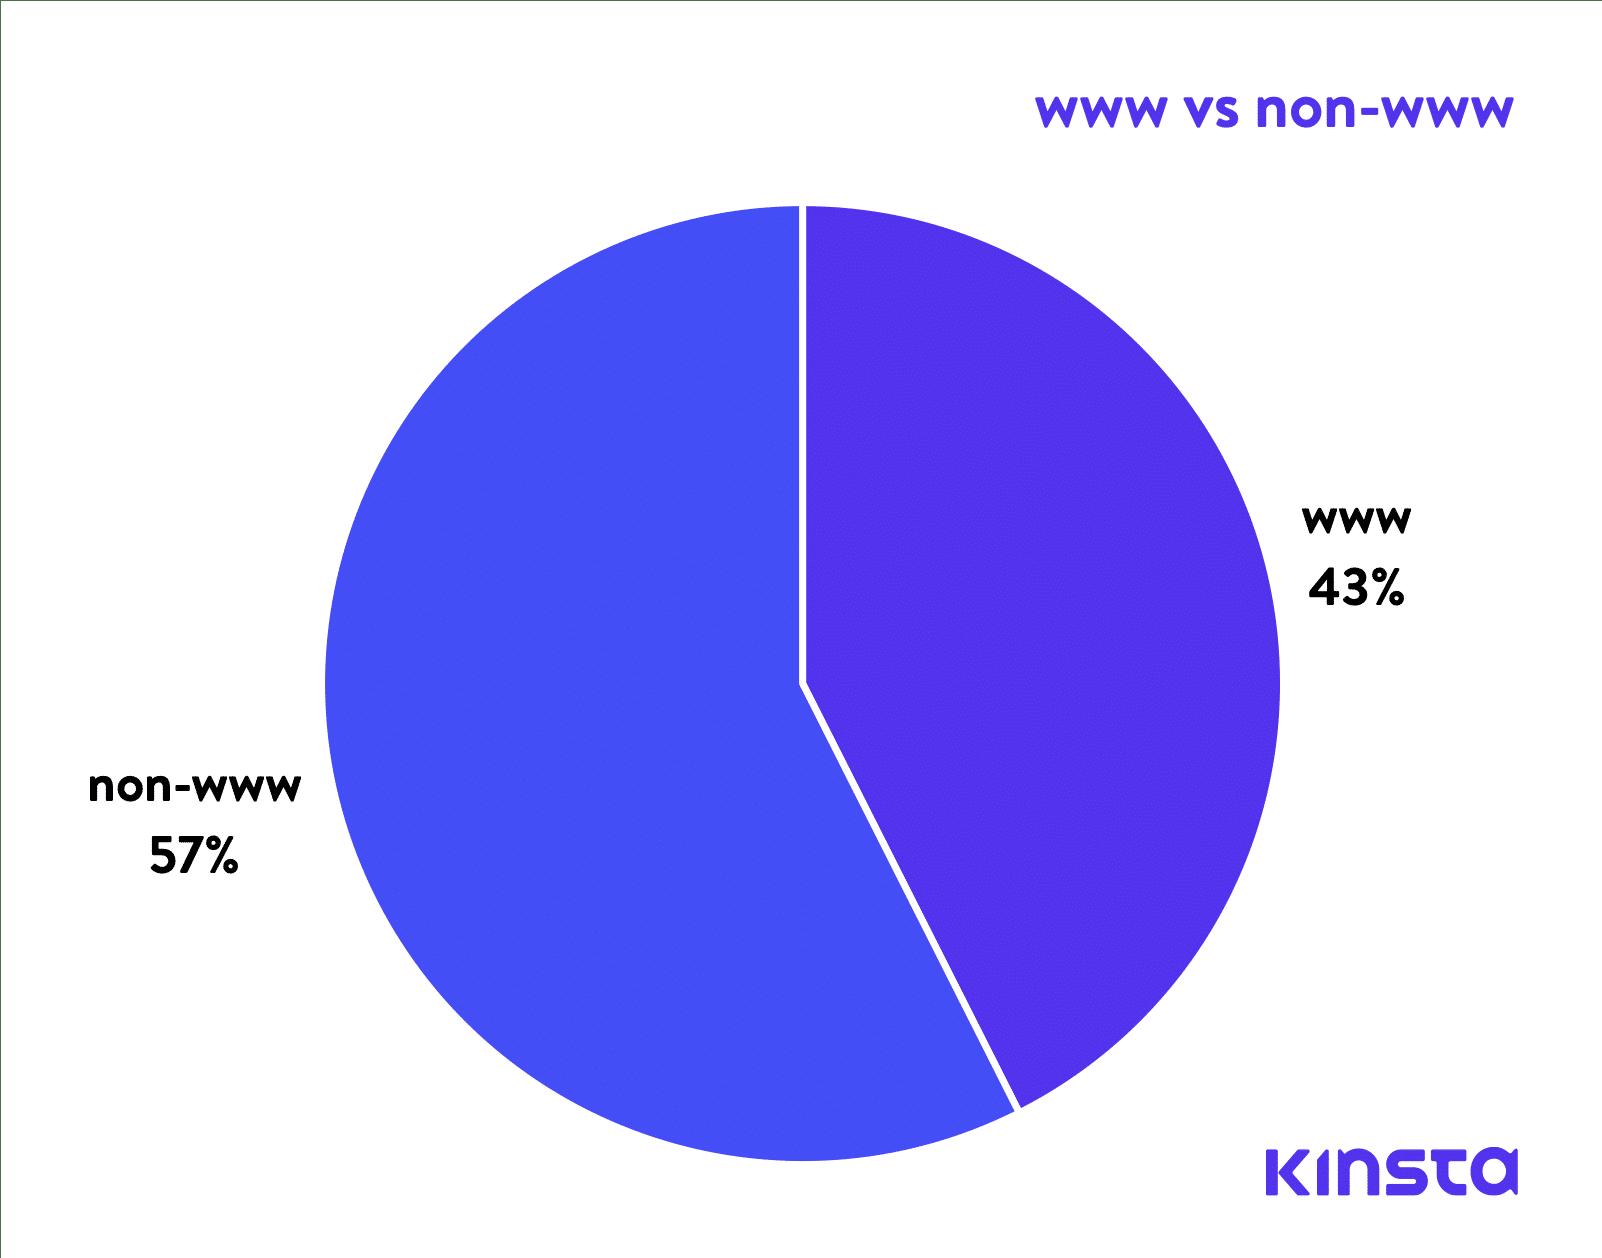 www vs non-www